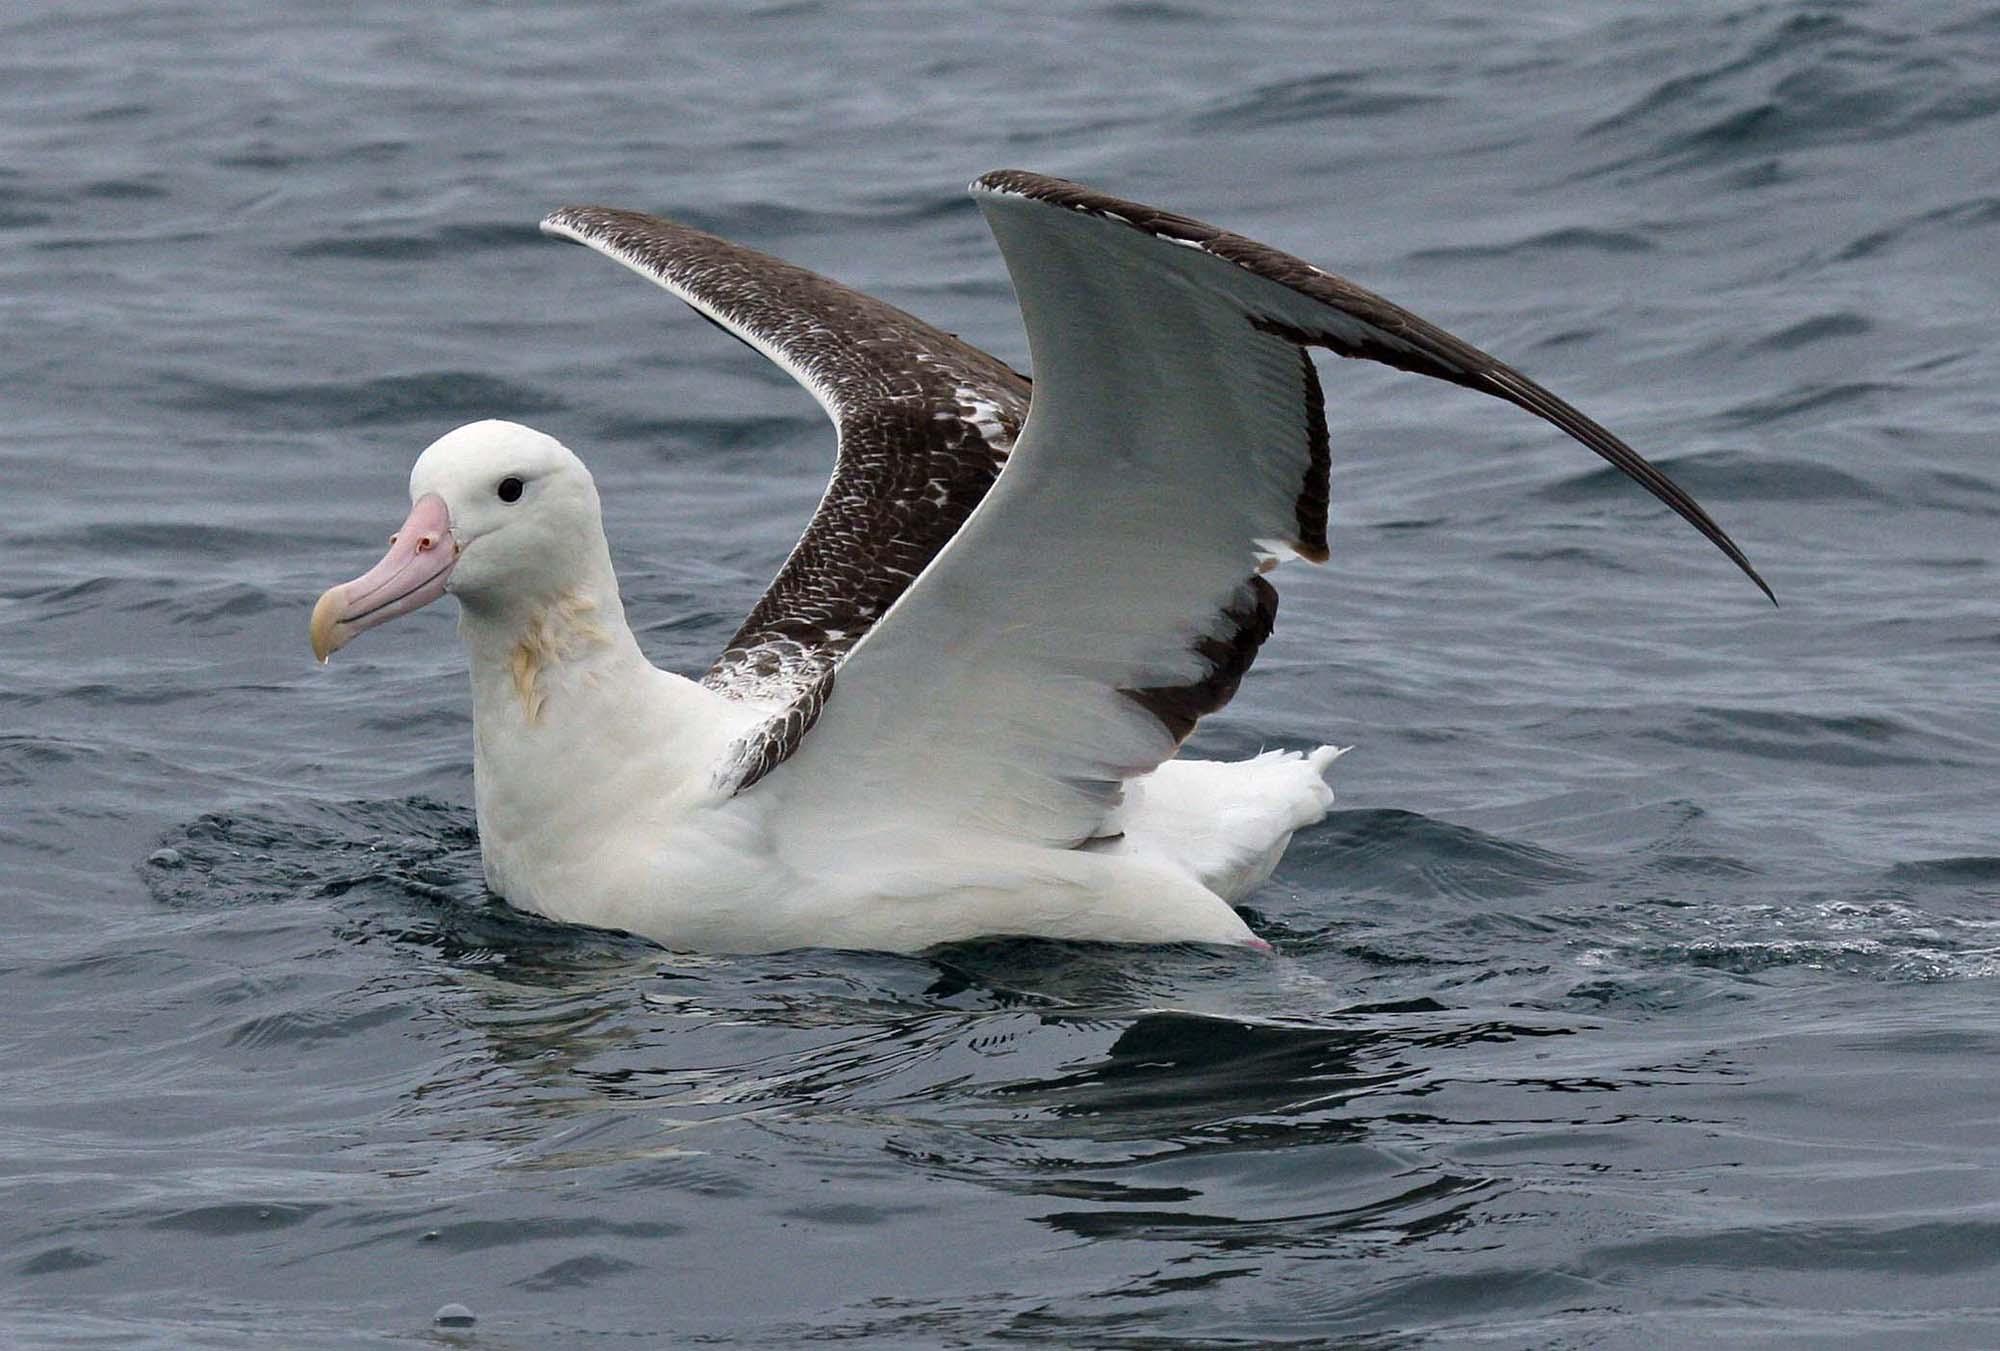 Хищные птицы липецкой области фото с названиями согласен